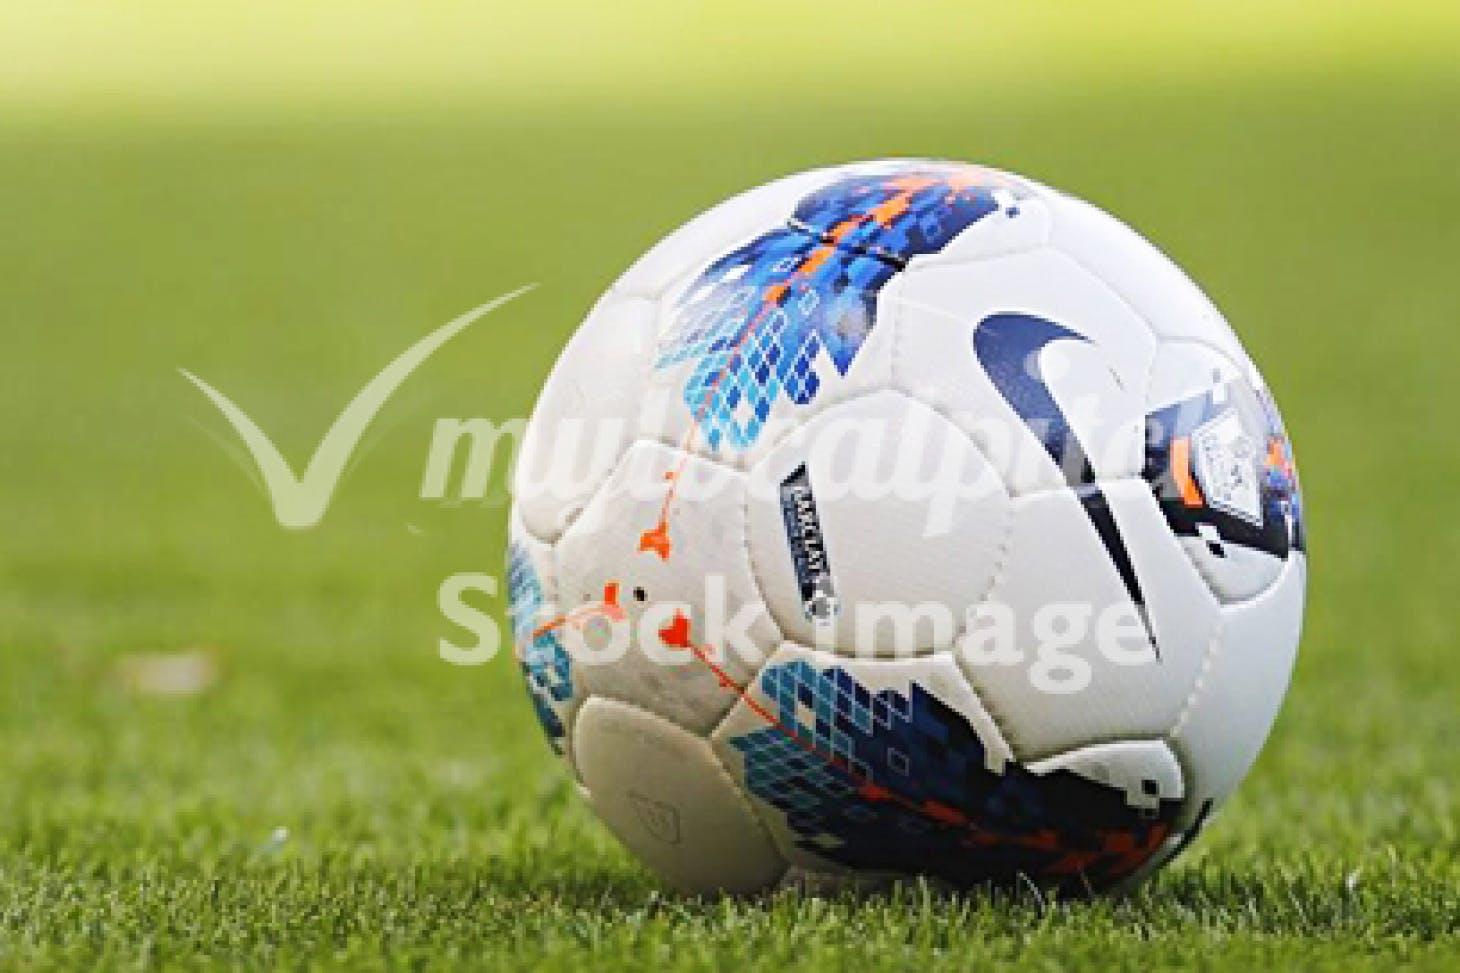 Desborough Park 11 a side   Grass football pitch